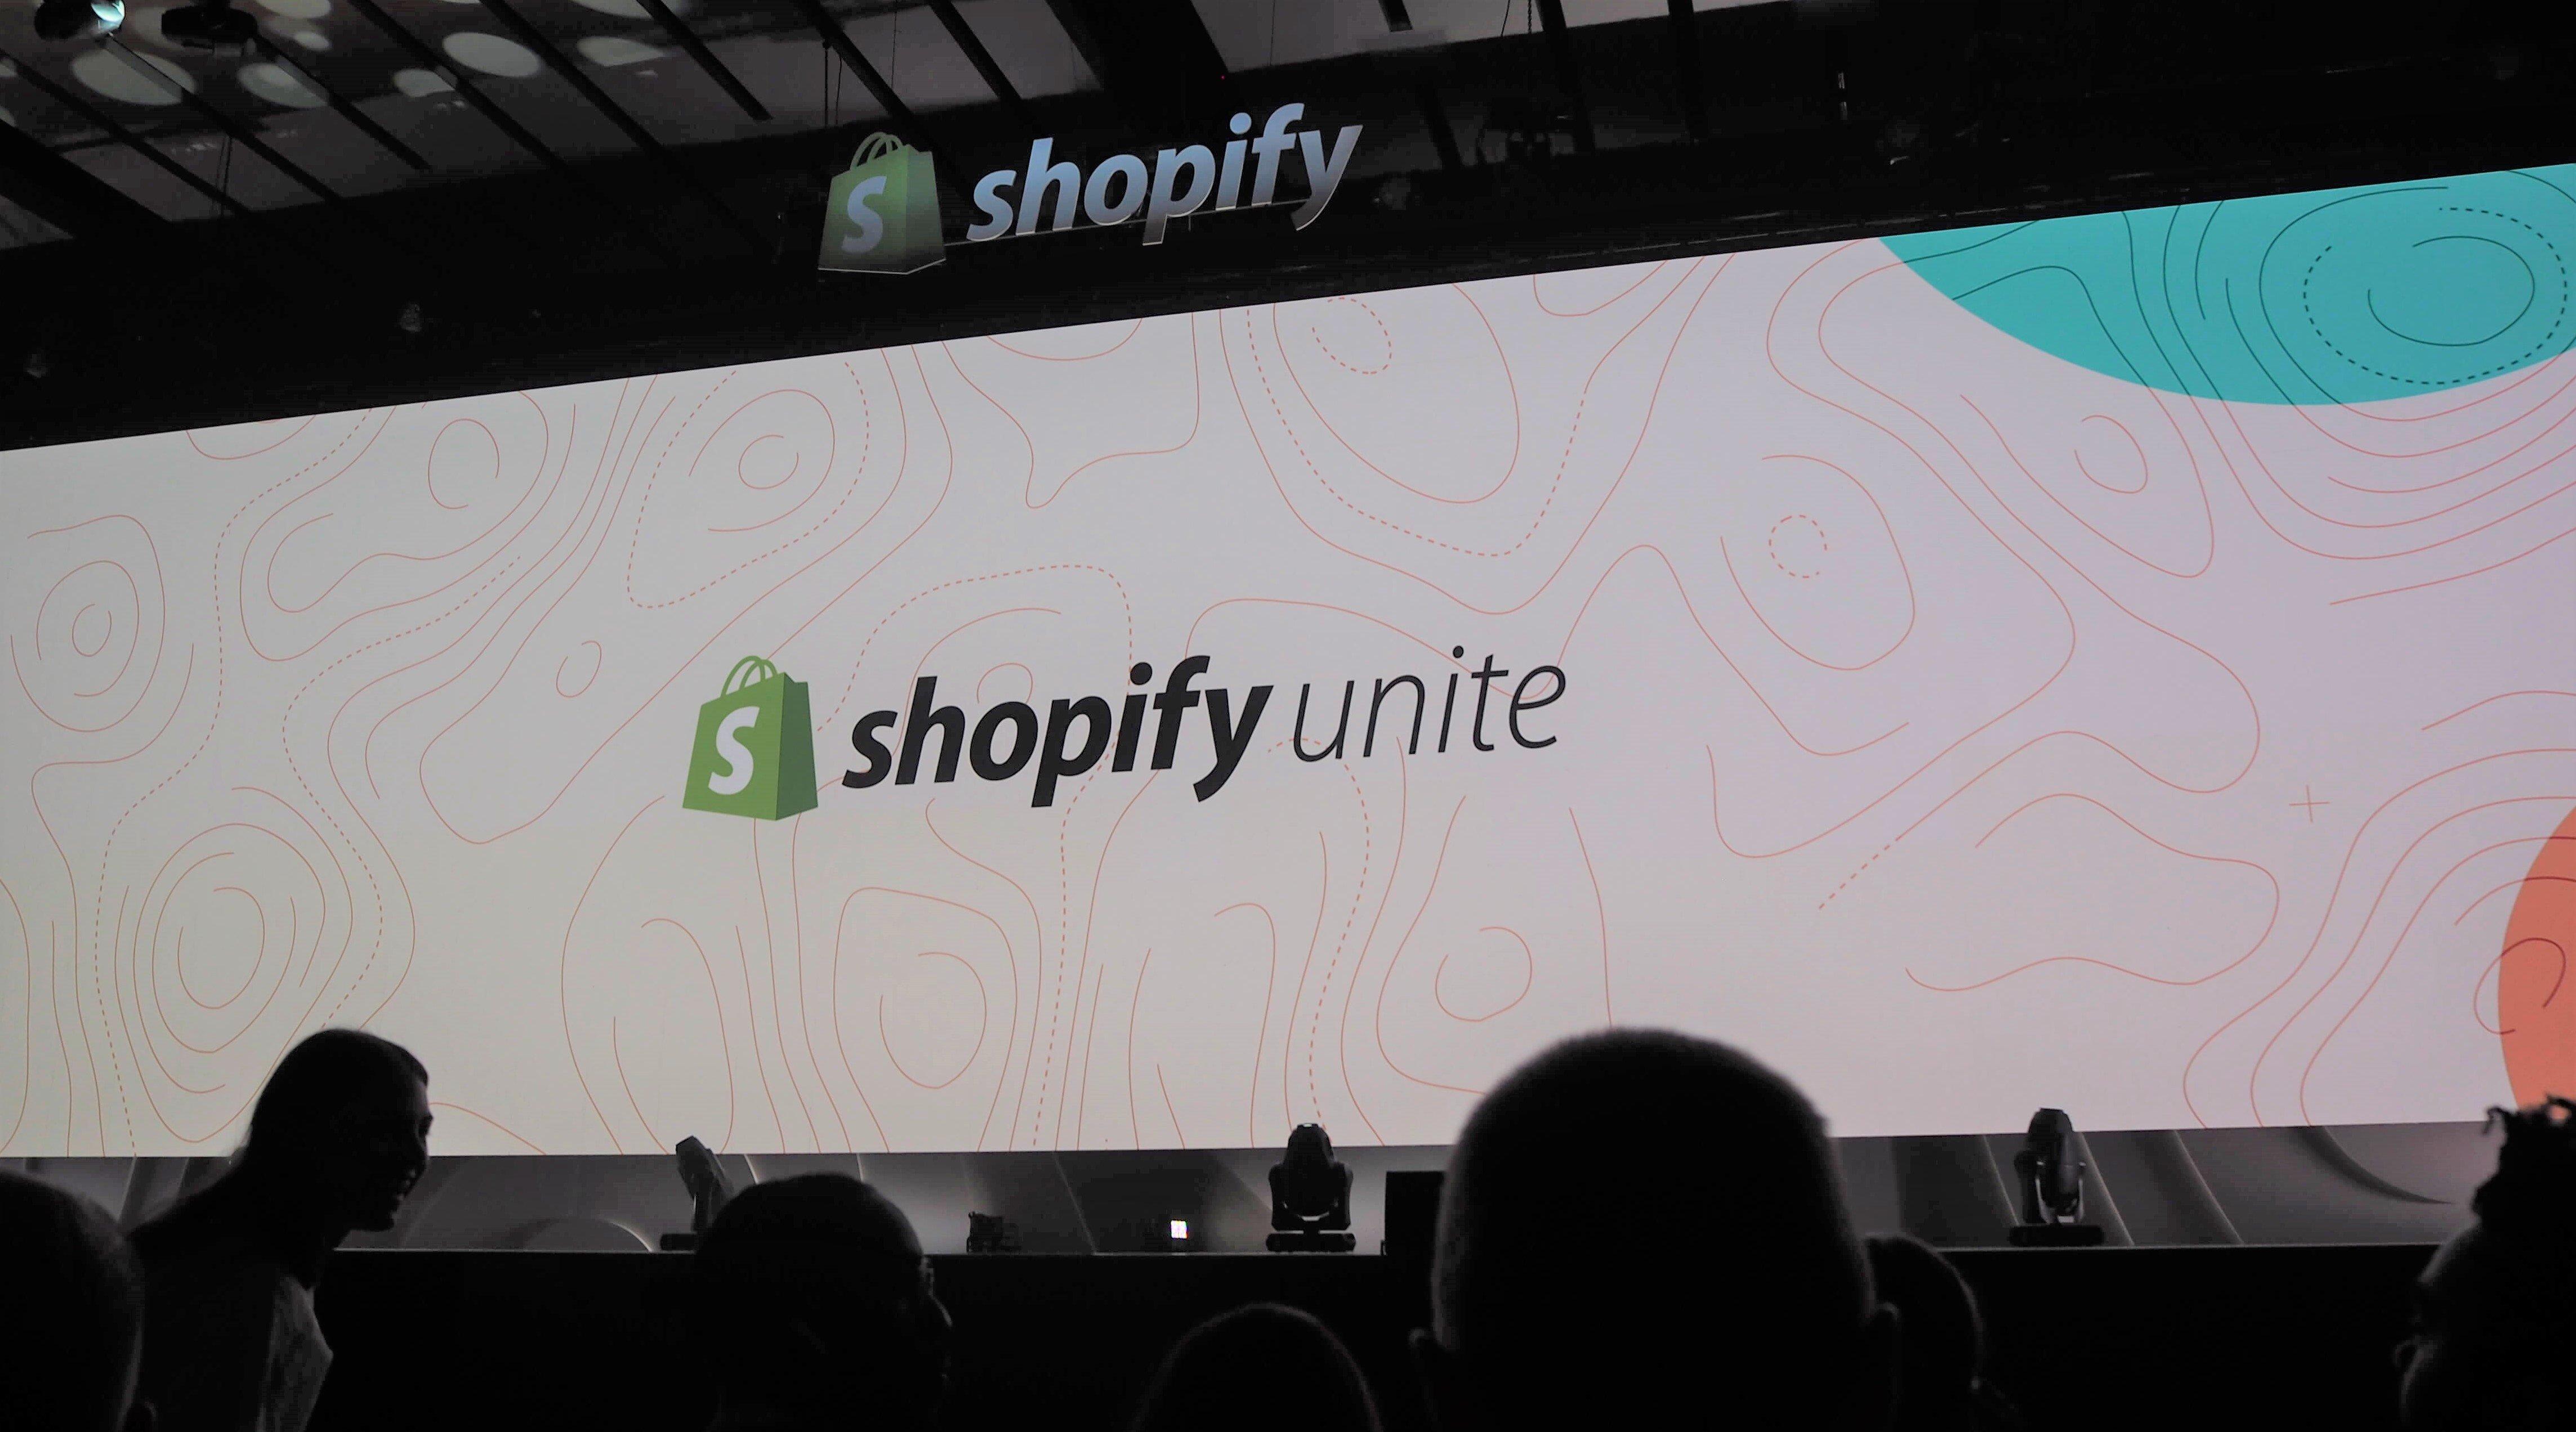 1000人以上が参加したShopify Unite